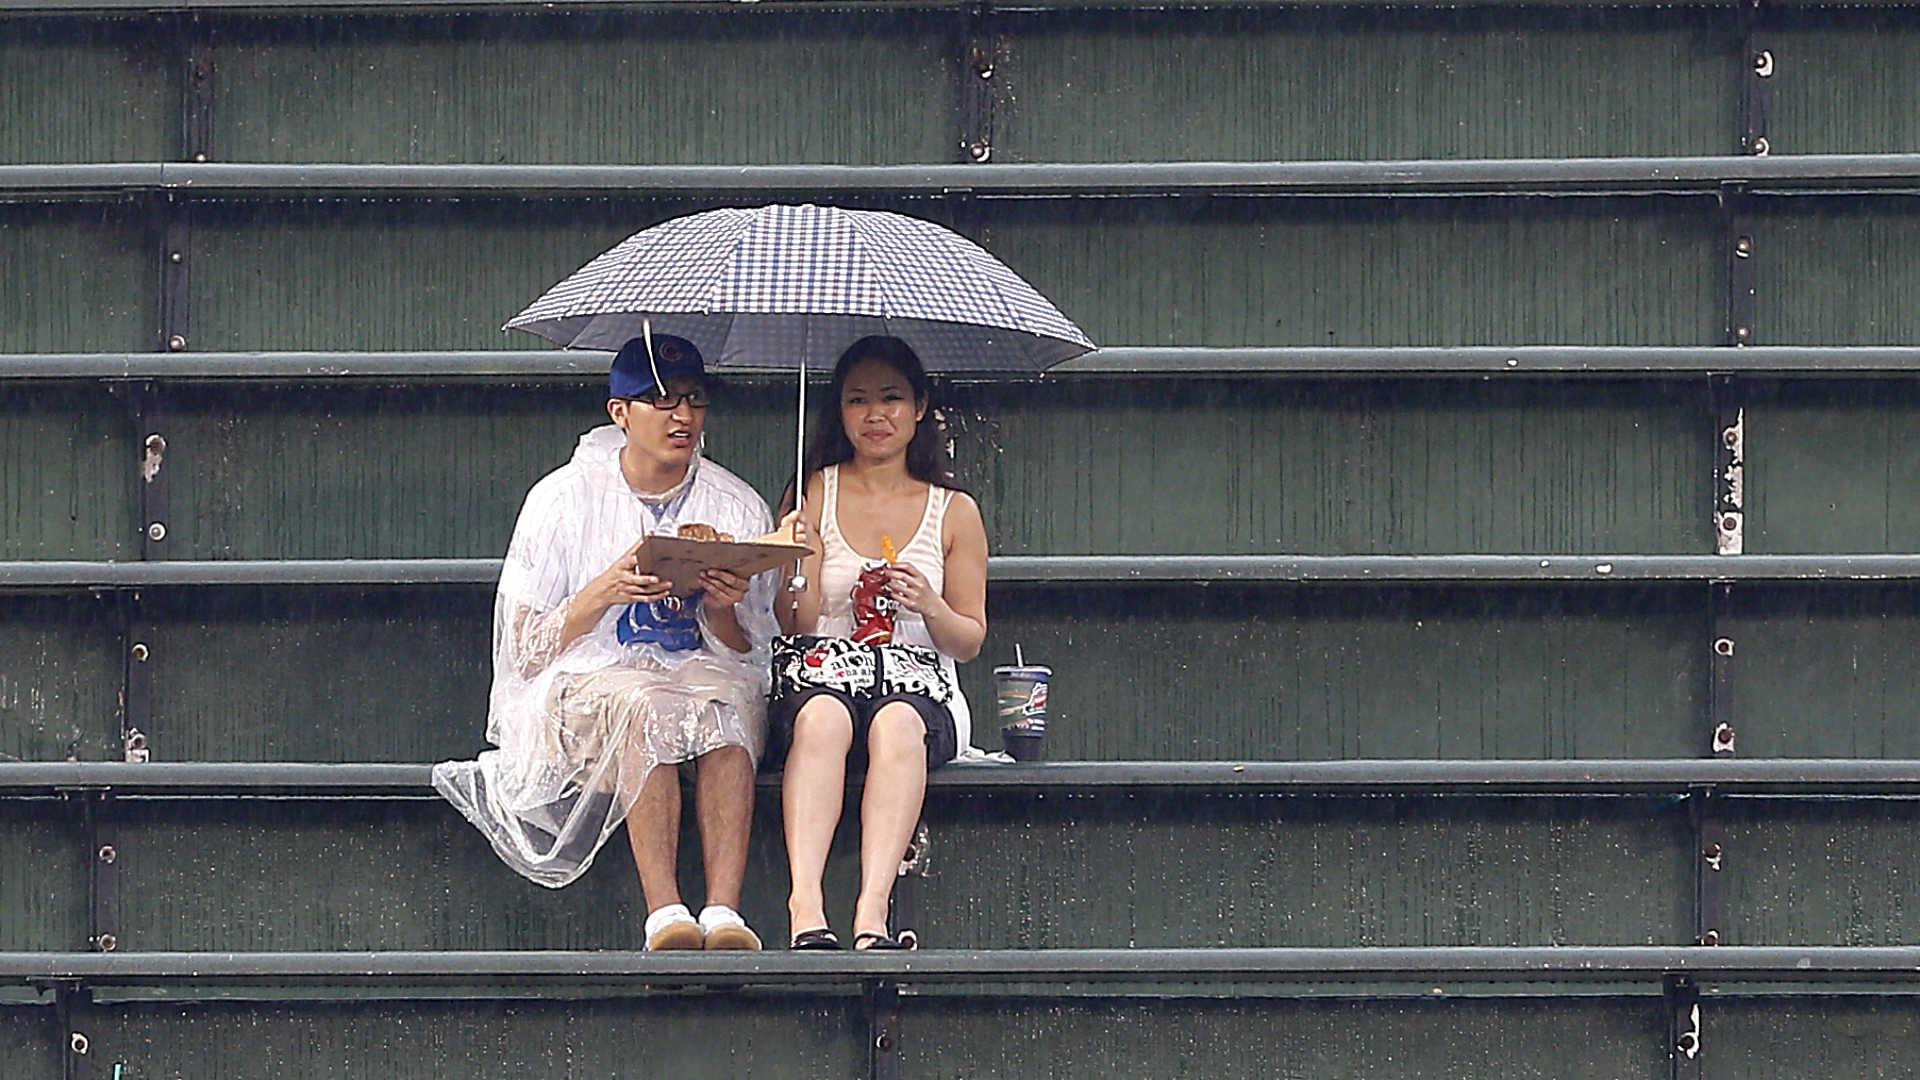 Cubs-fans-082114-AP-FTR.jpg